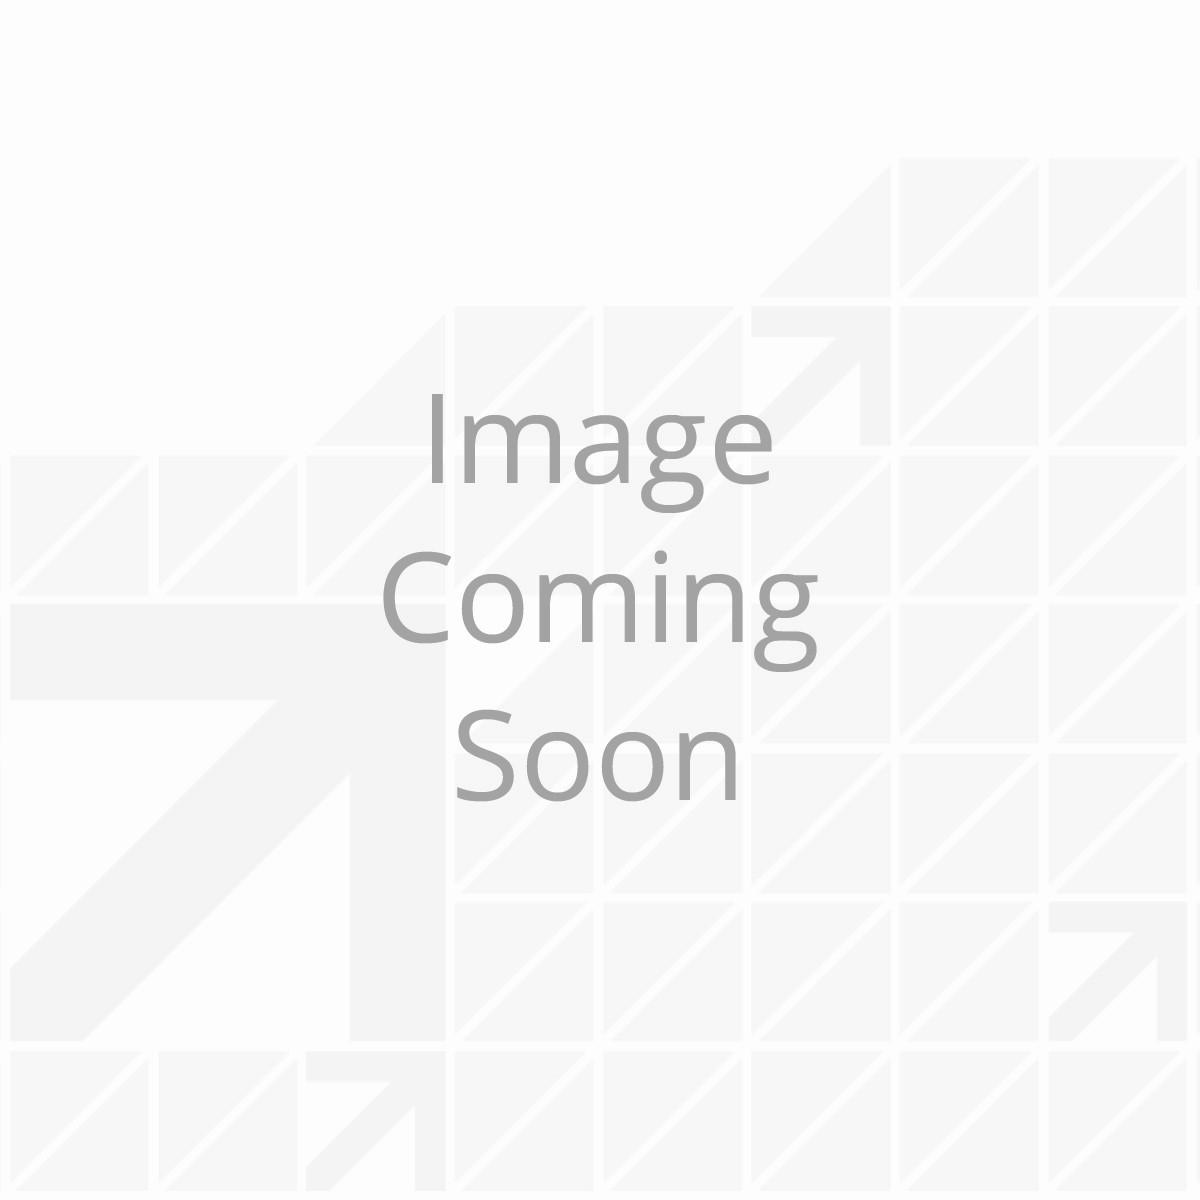 linc-remote-control-key-fob-generation-i